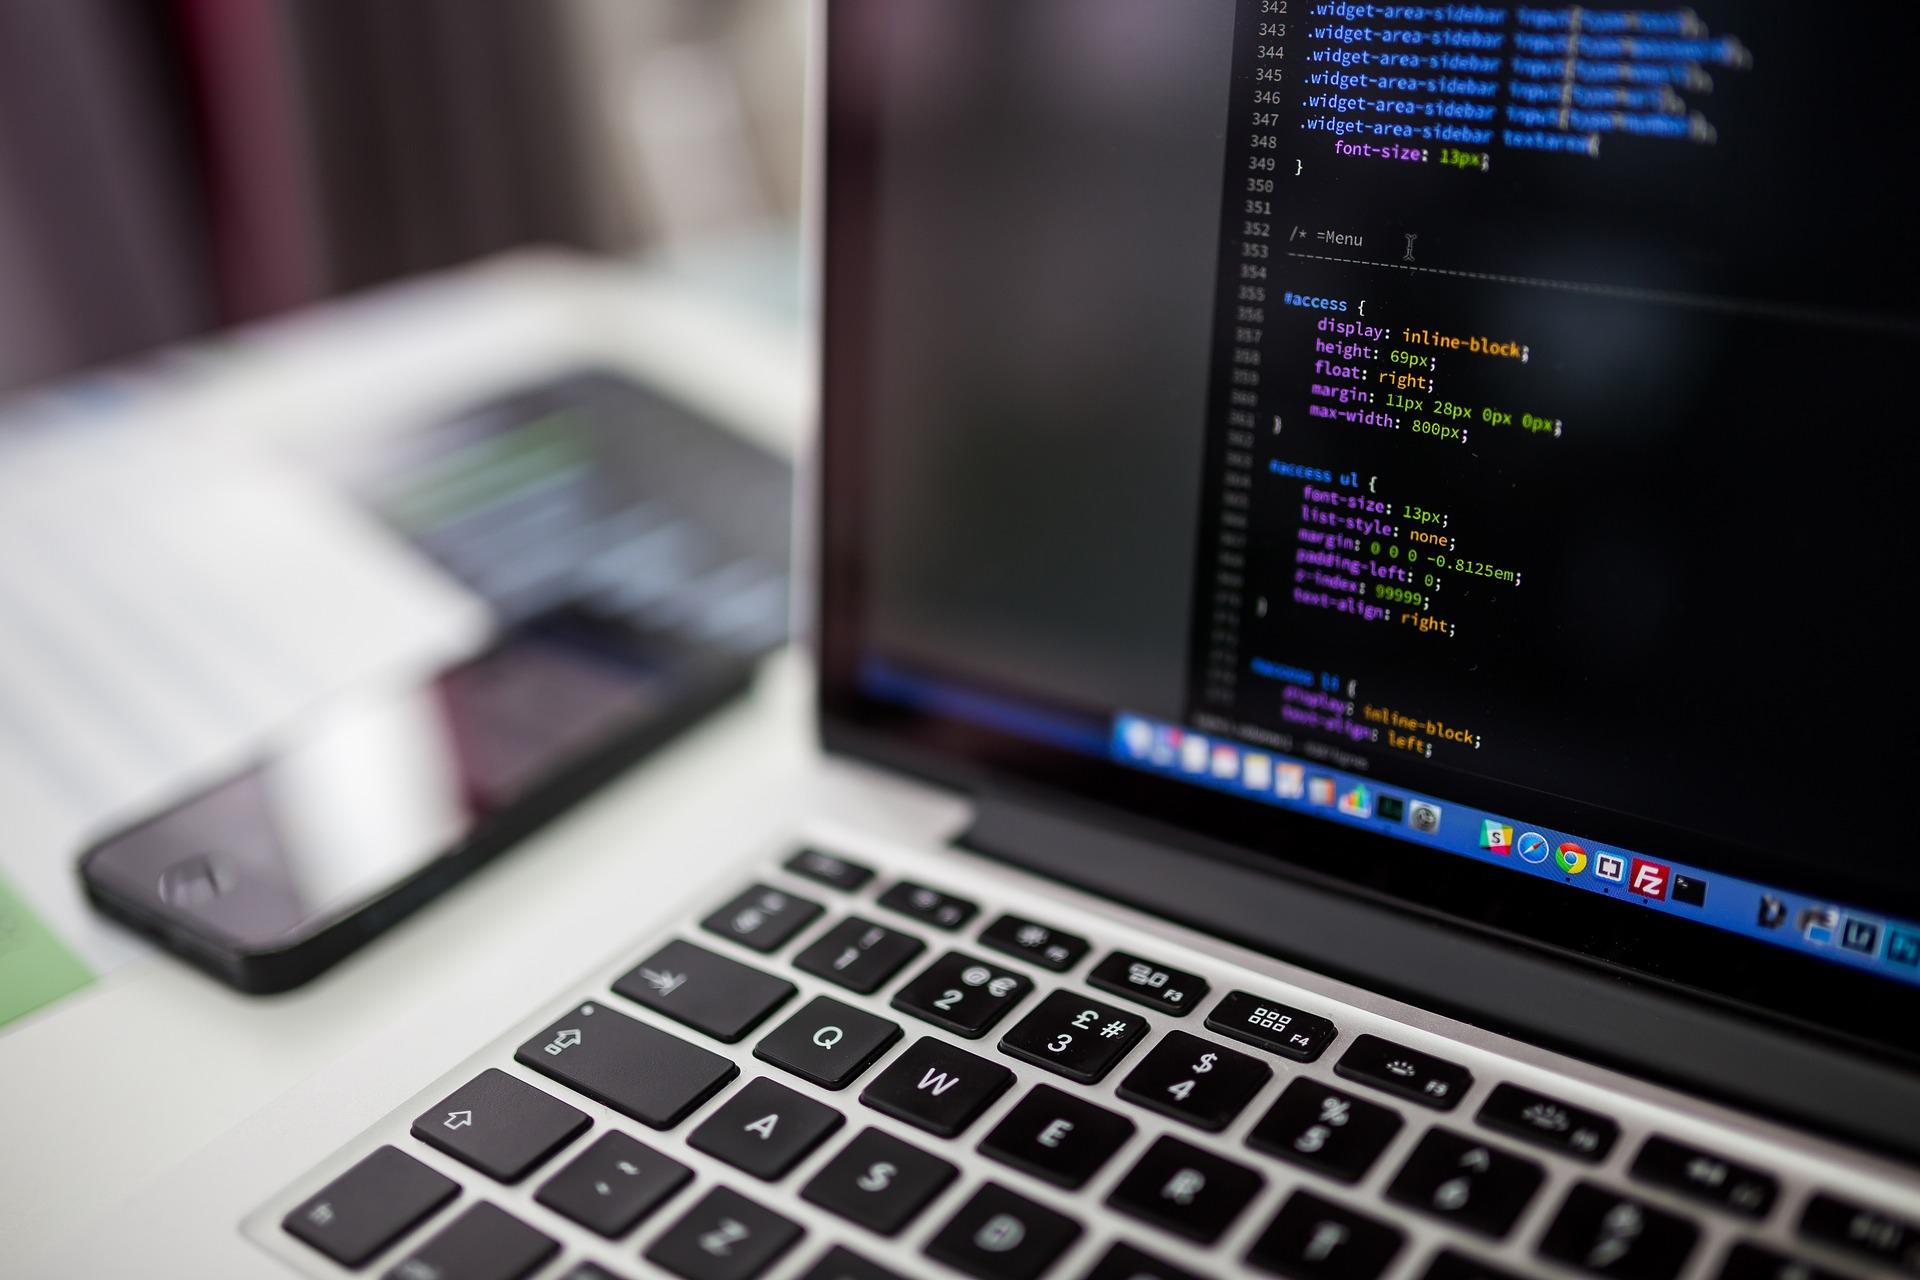 Notebook com códigos de programação aparecendo na tela.